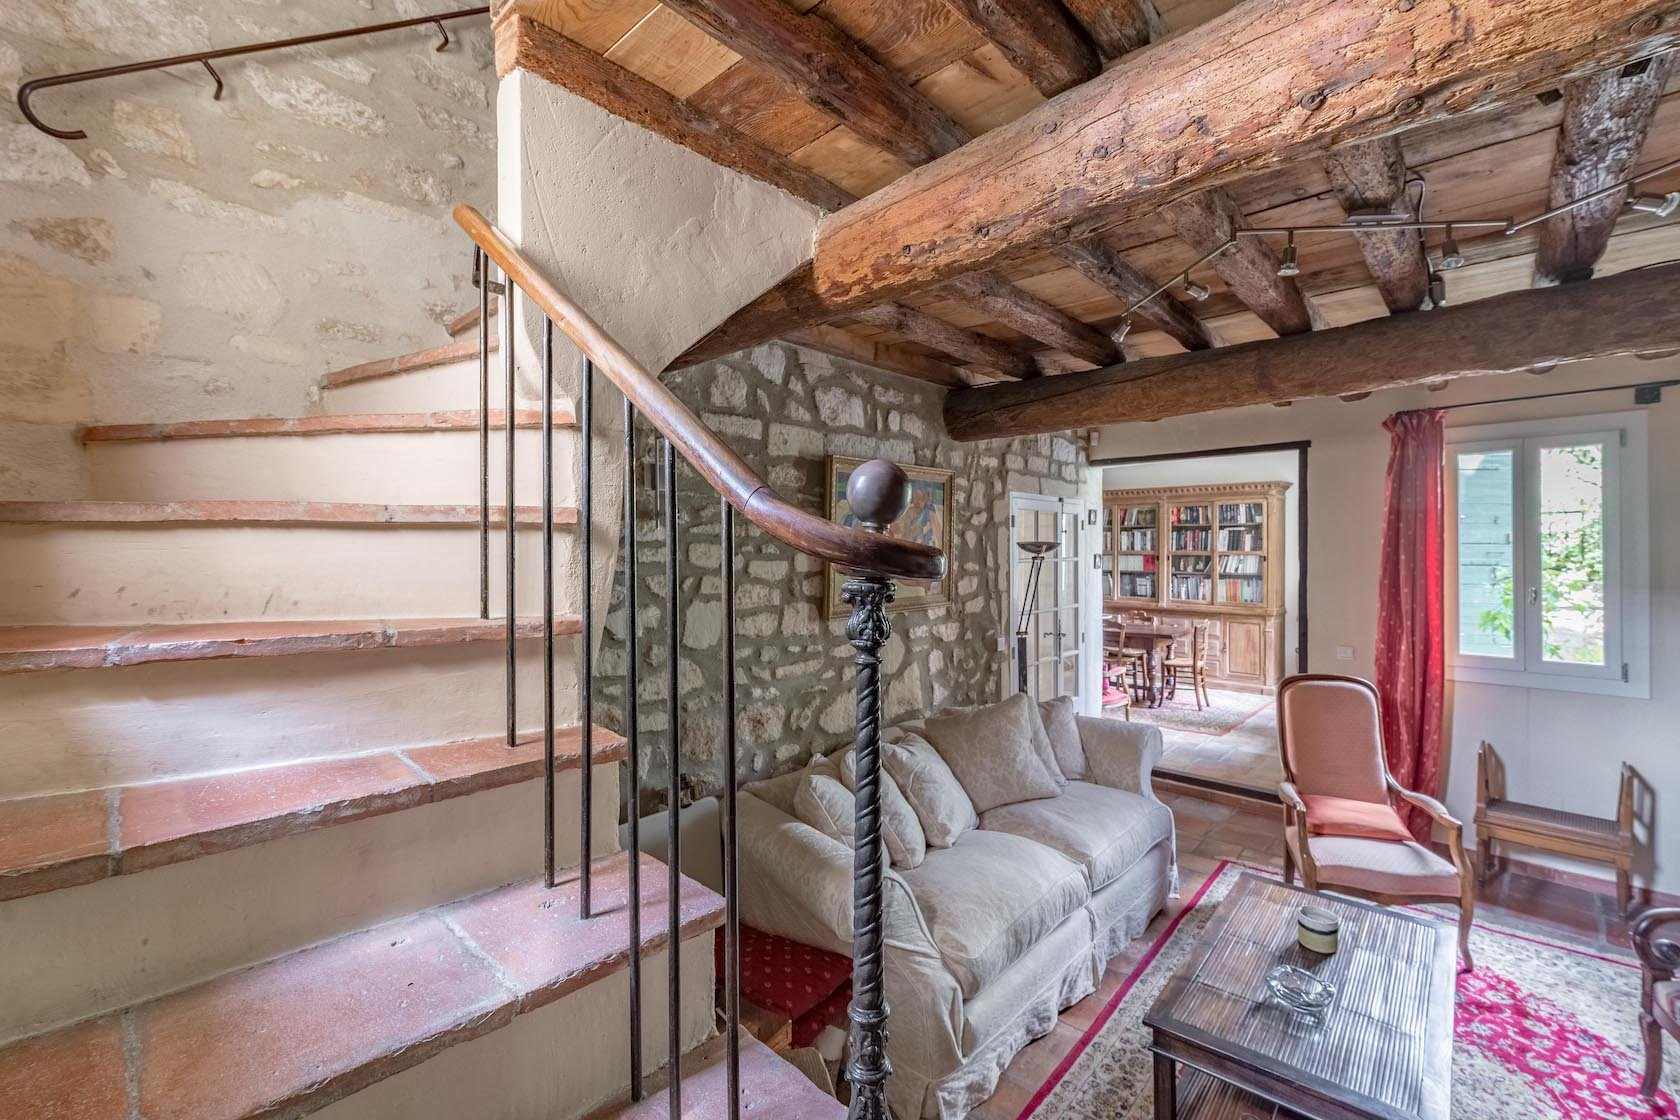 Villas for Sale - A2928298